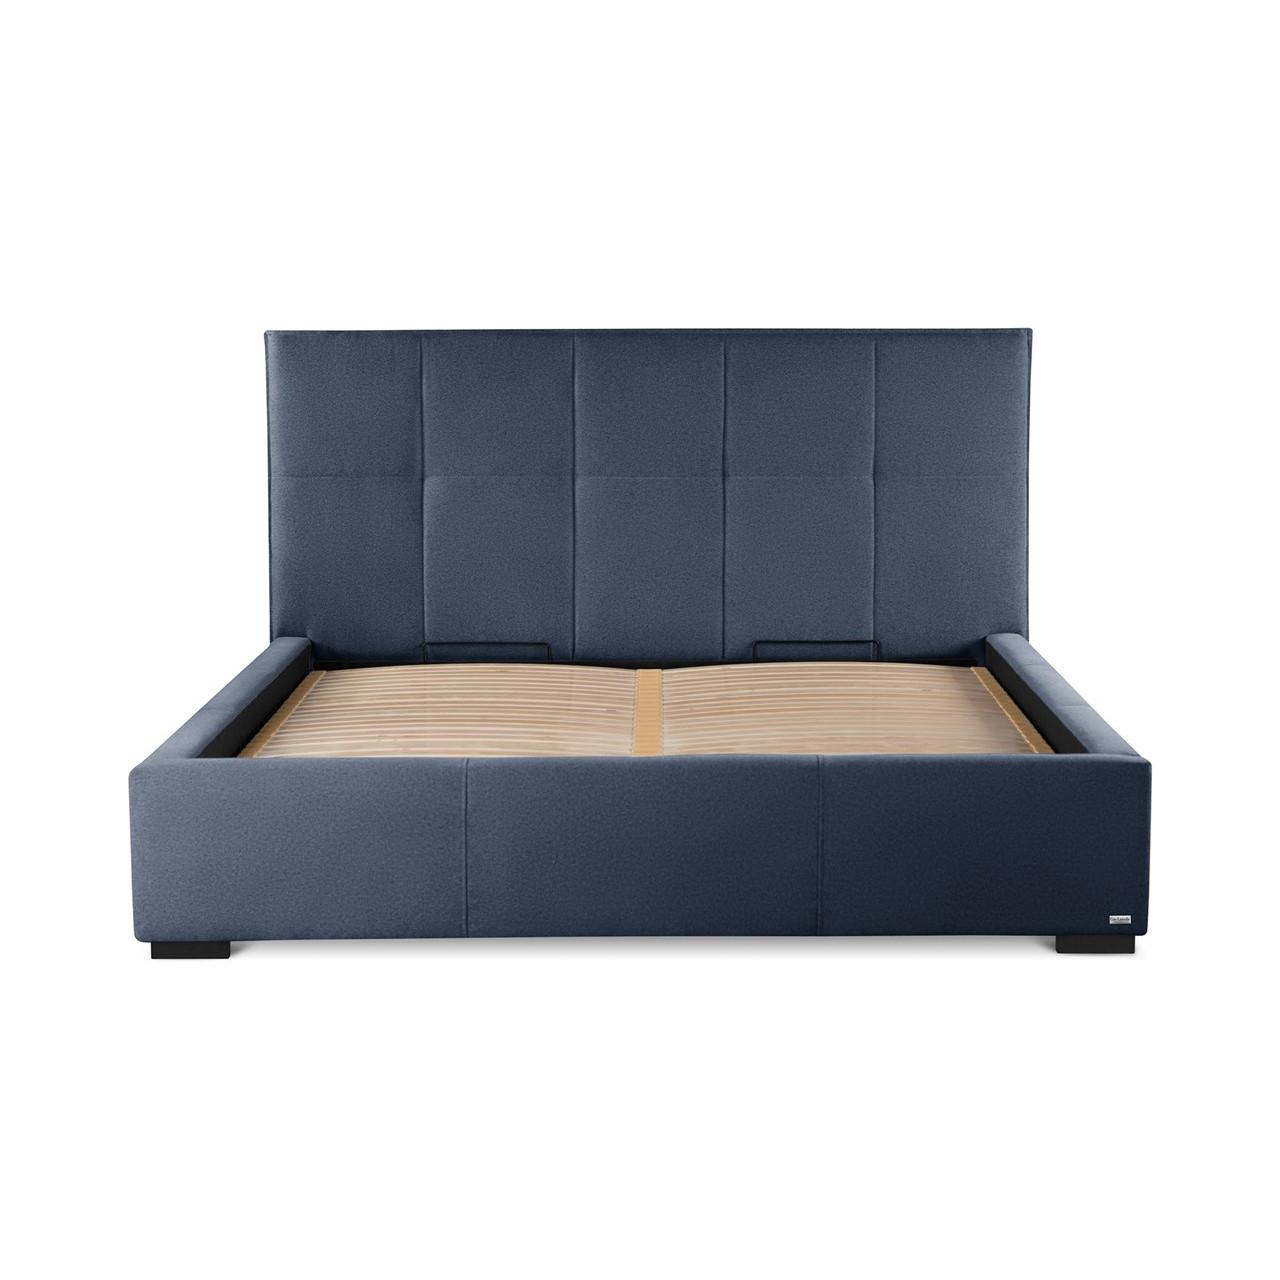 Bett Allure   Marineblau-140 x 200 cm